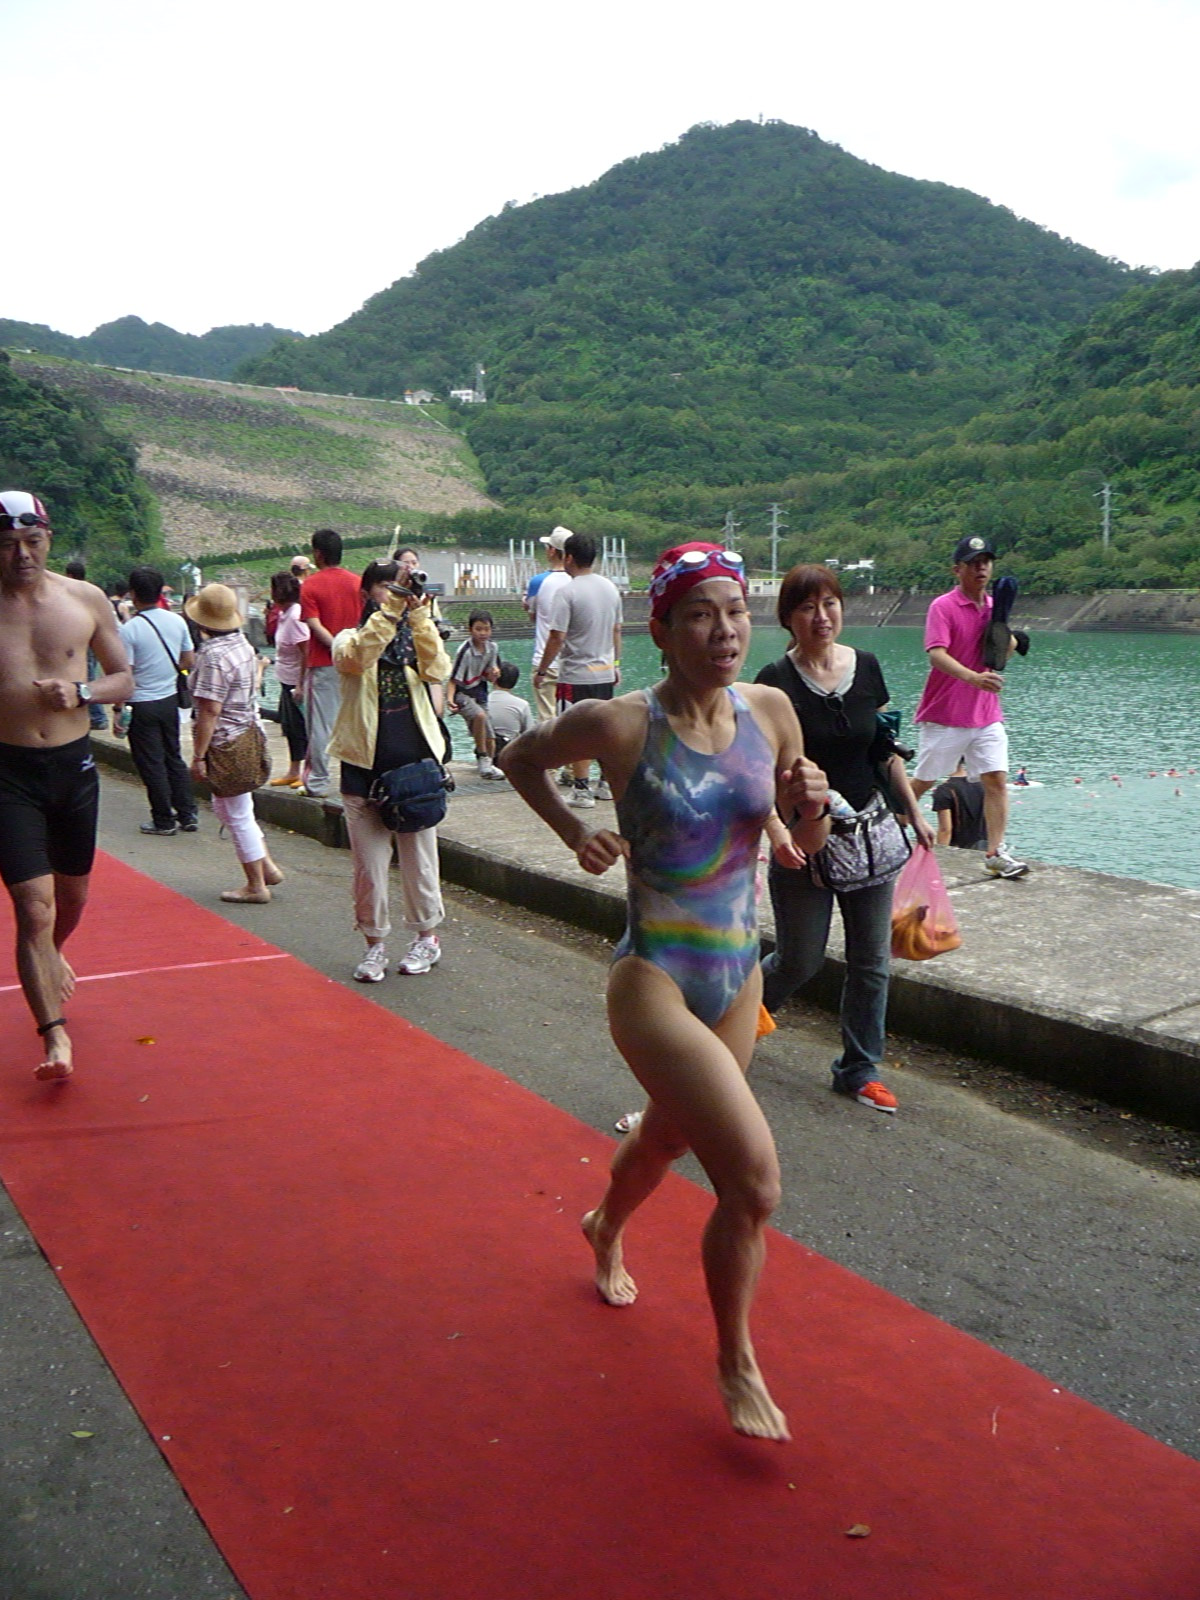 游泳 單車 跑跑步: 2010/06/26 桃園石門水庫鐵人三項-鐵三角 路跑5k